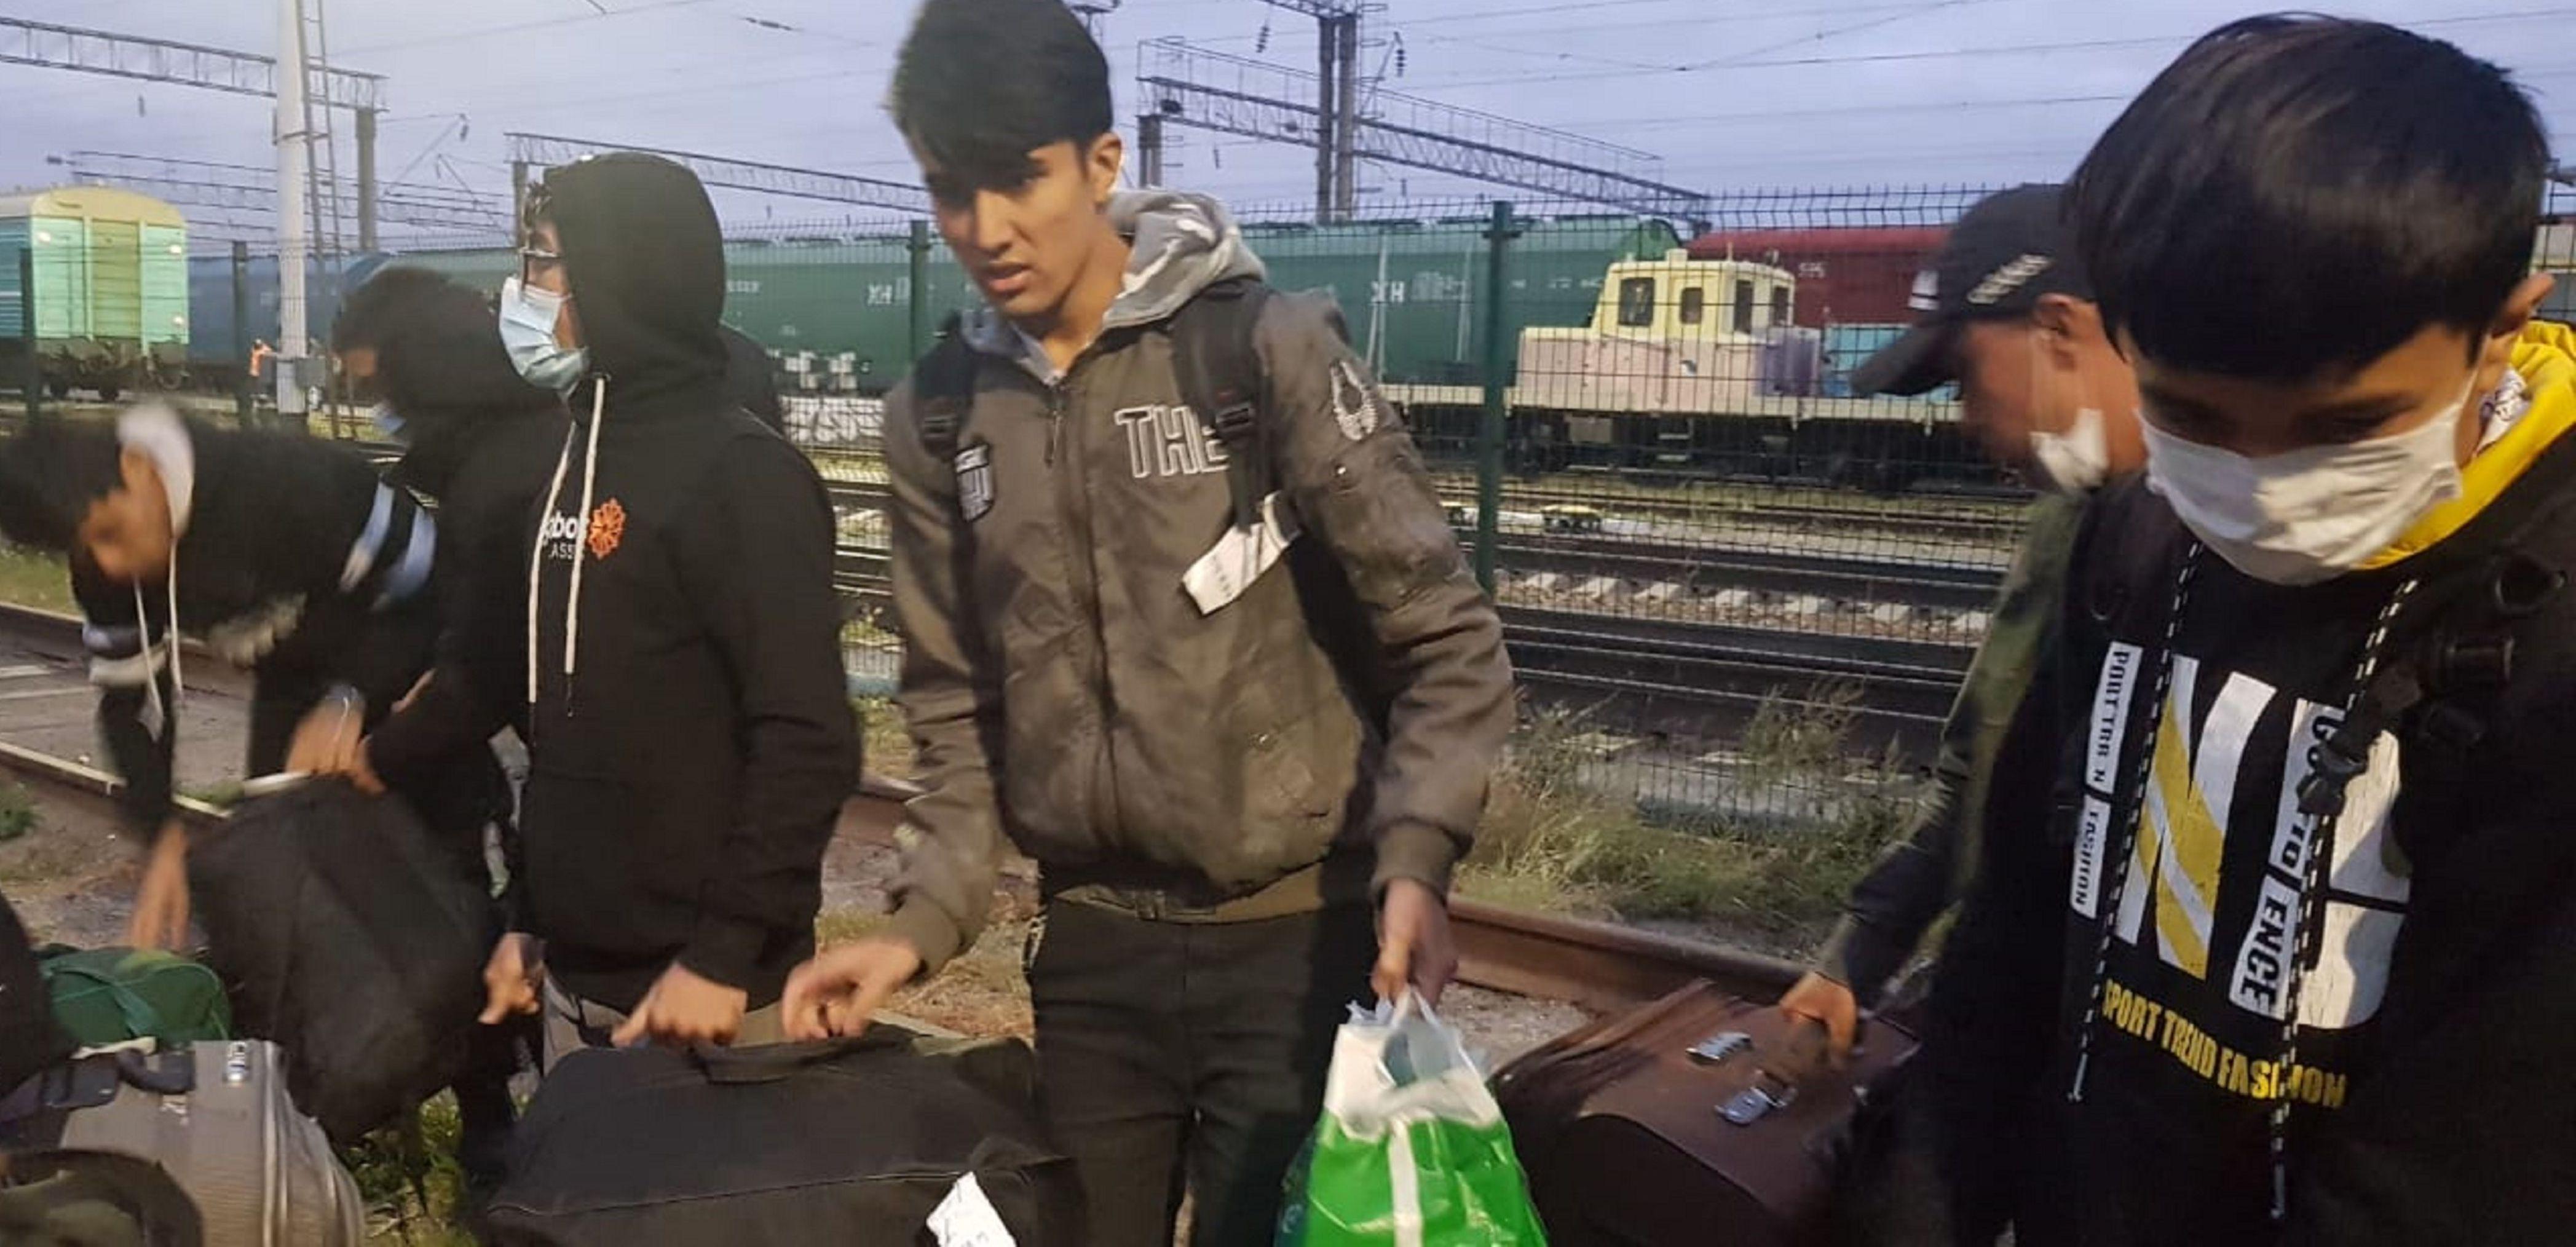 Кандасы из Афганистана прибыли в Кокшетау в отдельном вагоне